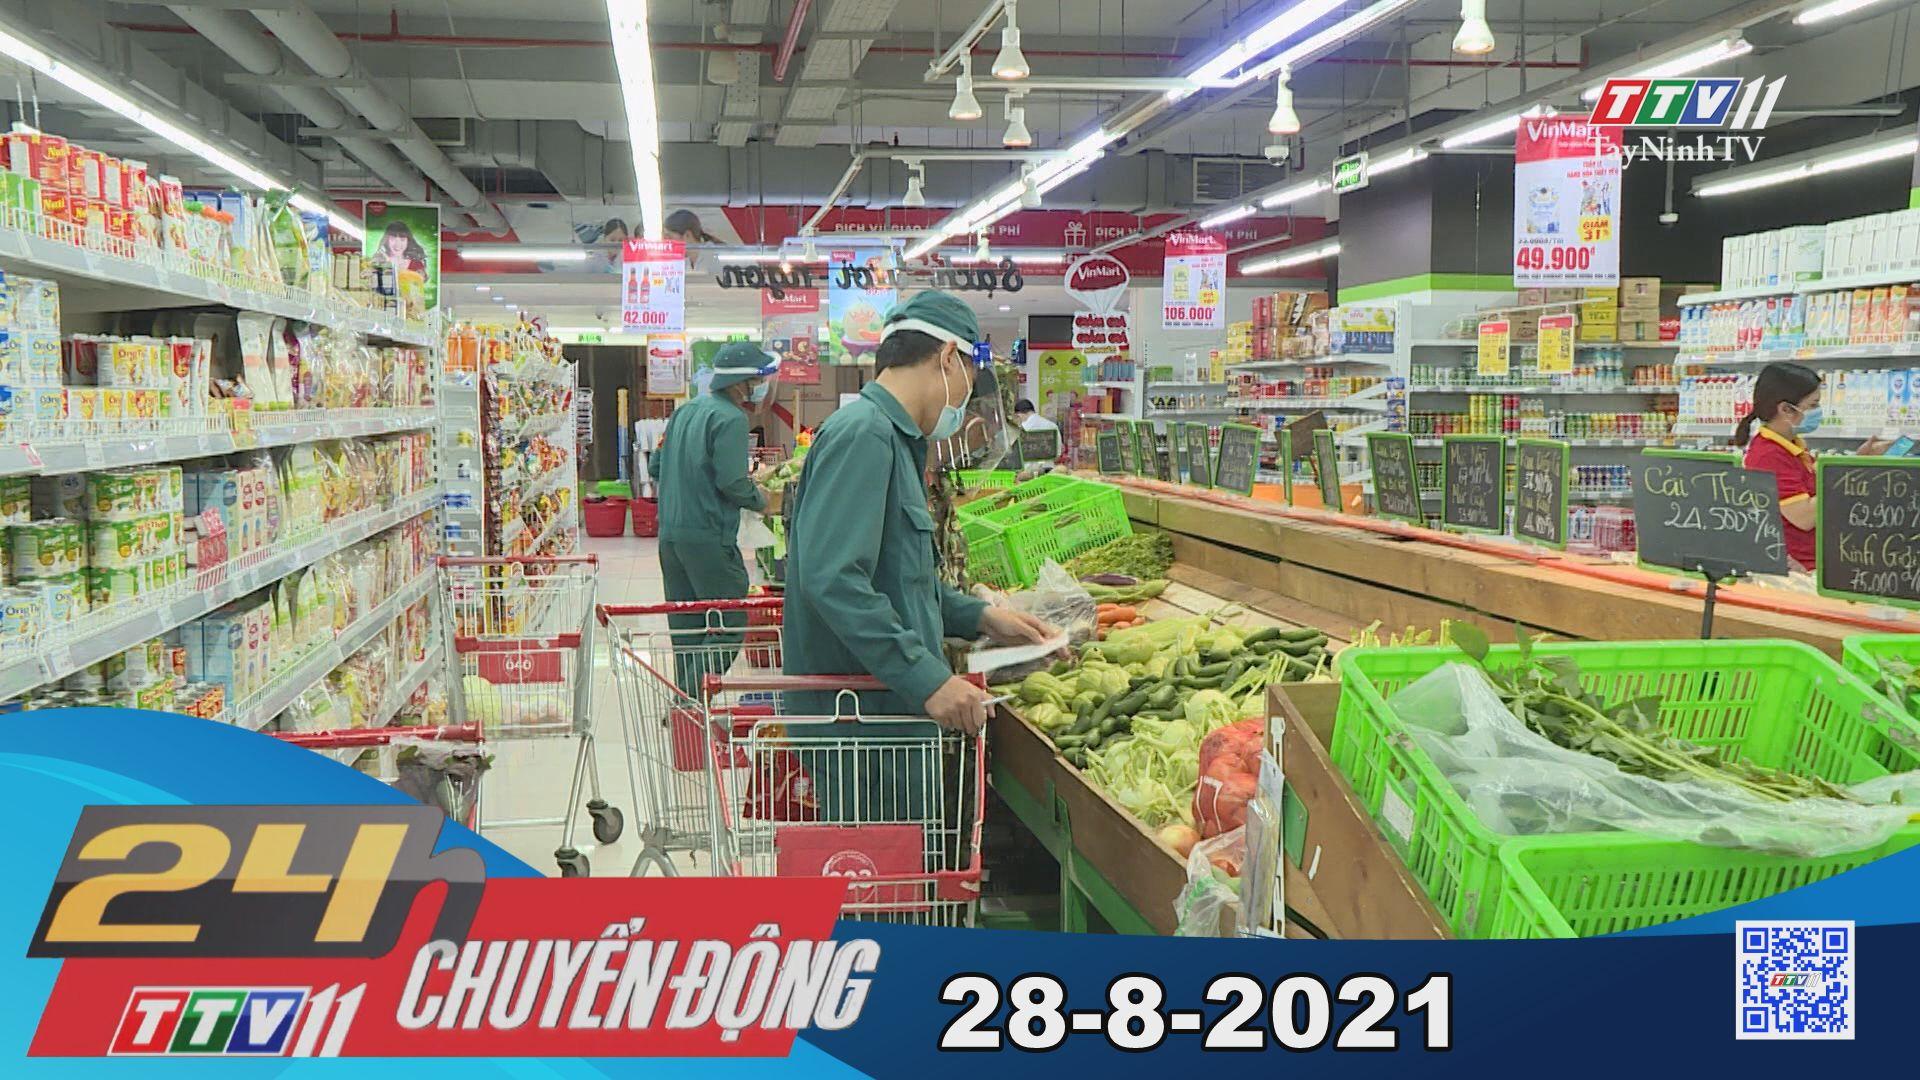 24h Chuyển động 28-8-2021 | Tin tức hôm nay | TayNinhTV